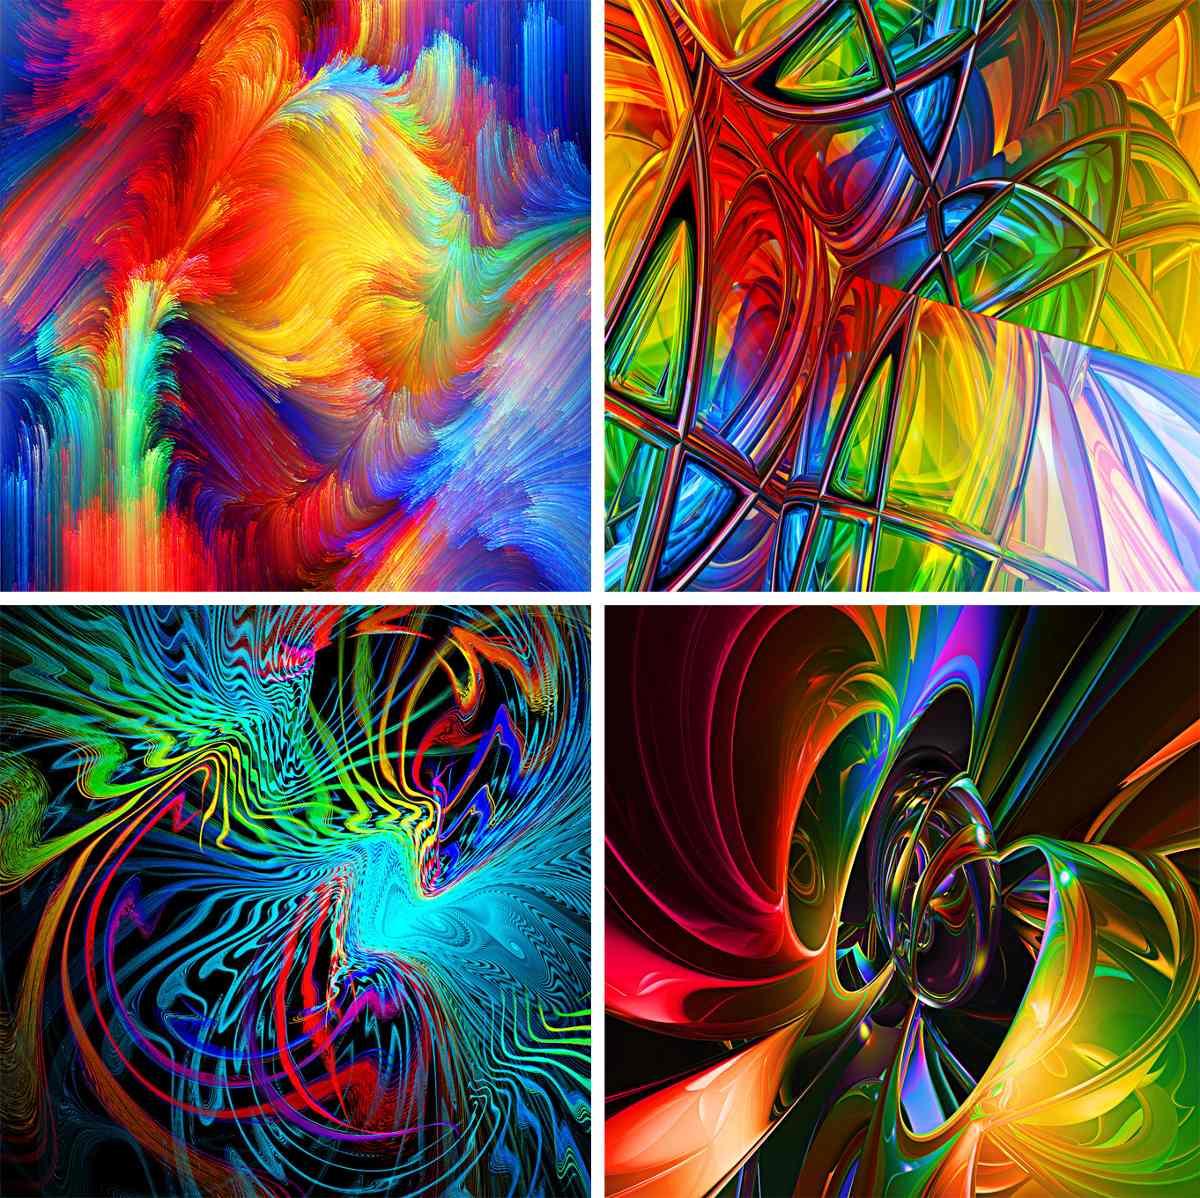 Abstractos lienzo lienzograf as 60x90 cuadros impresi n for Imagenes de cuadros abstractos rusticos